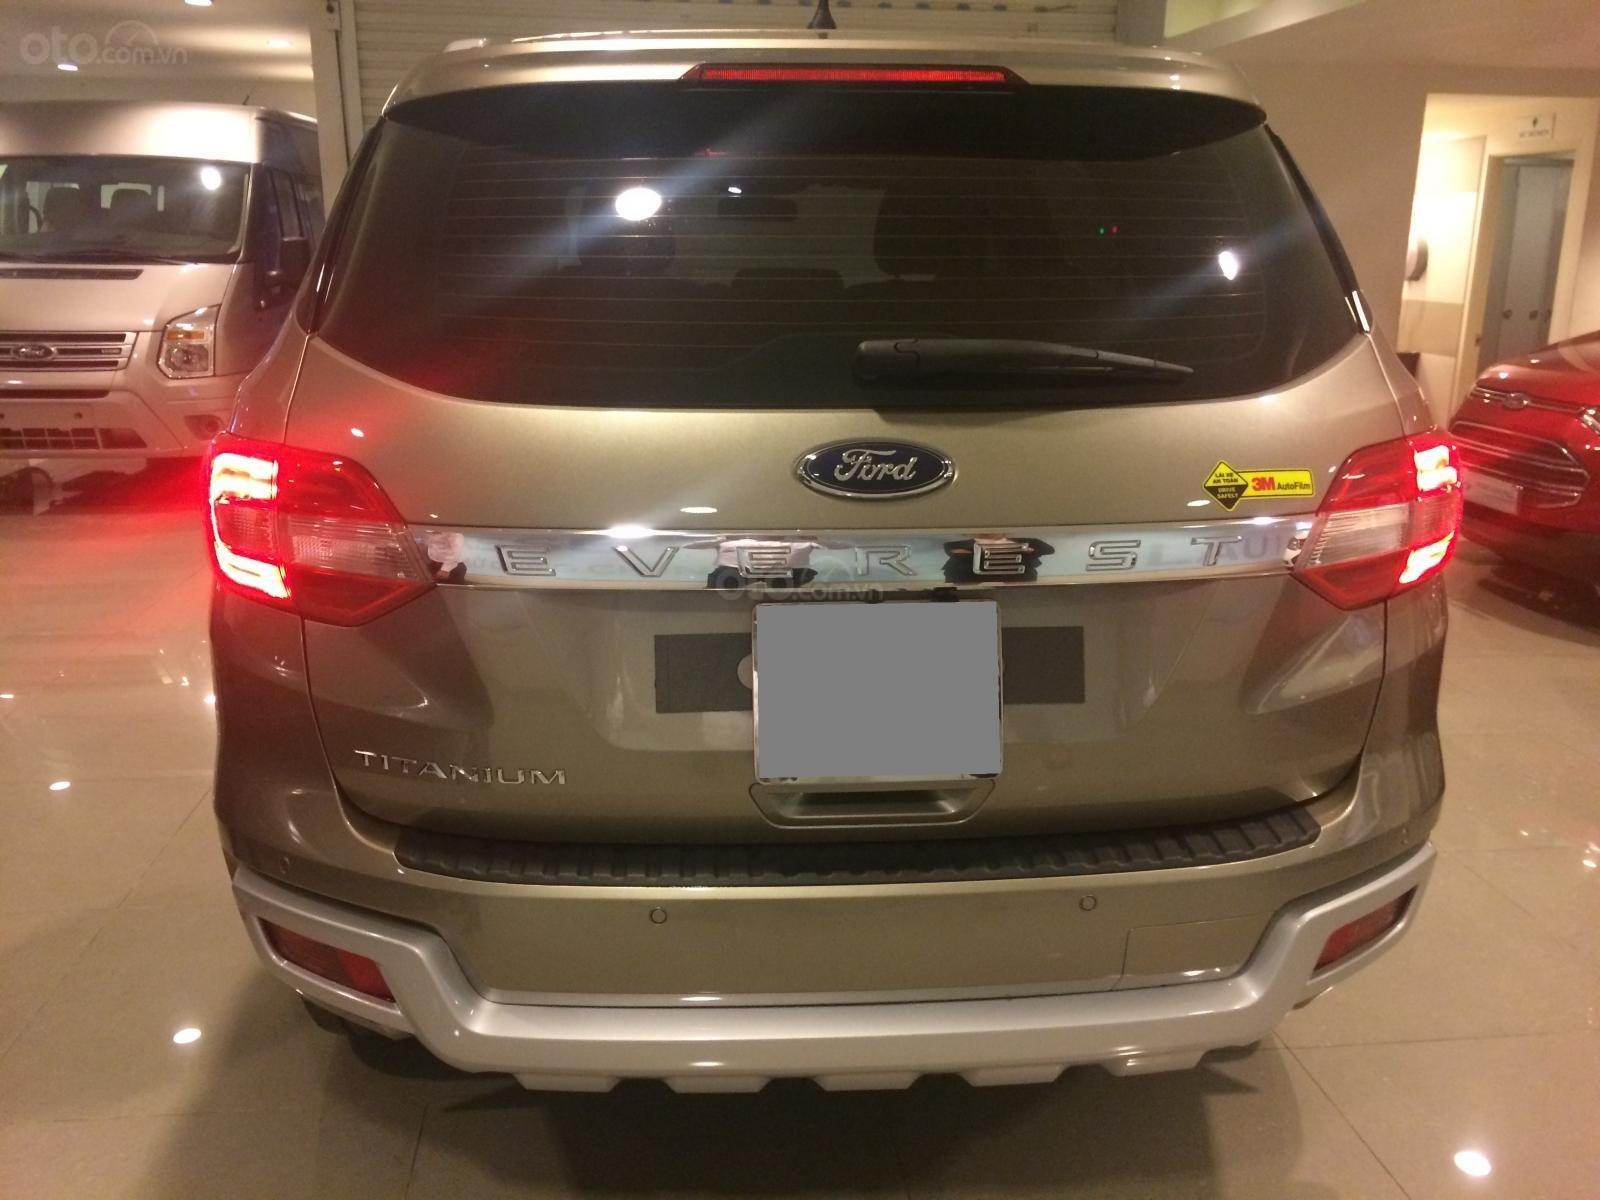 Bán Ford Everest Titanium 2016, xe bán và bảo hành tại Ford, hỗ trợ trả góp-5